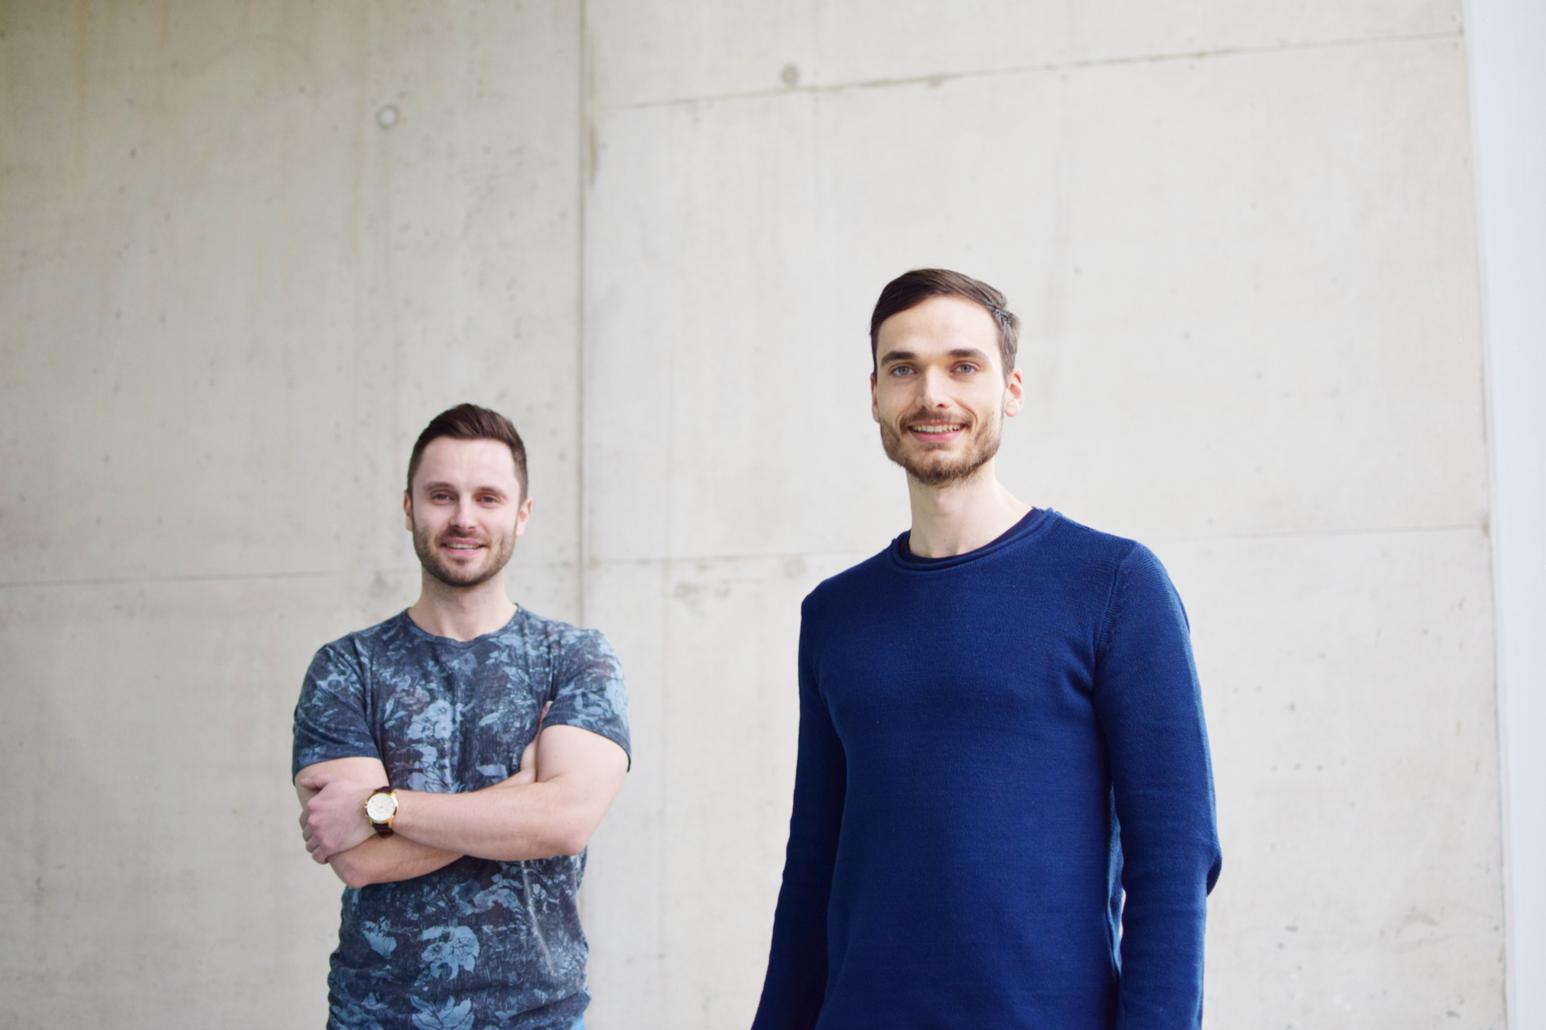 MENQUBE - Die Smart-Shopping-Lösung für Männer